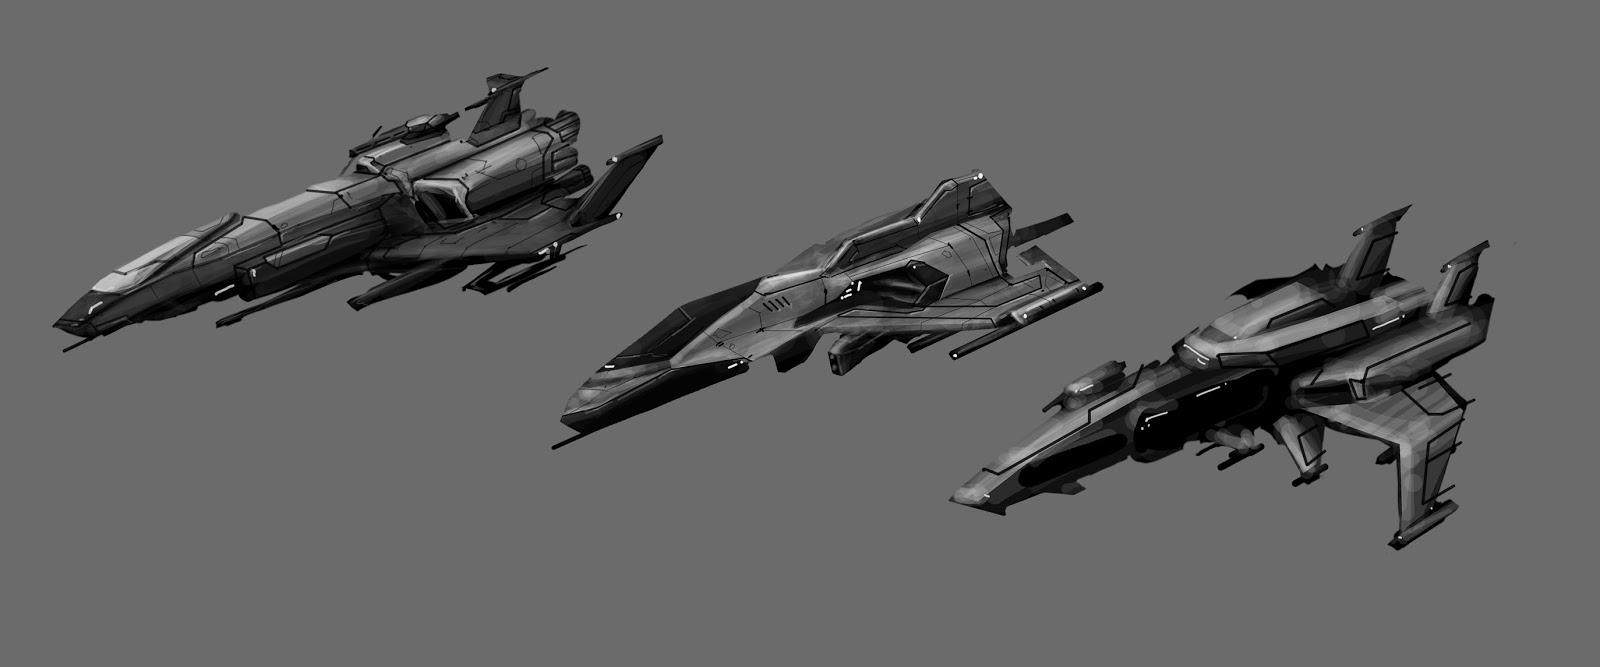 ships_design.jpg